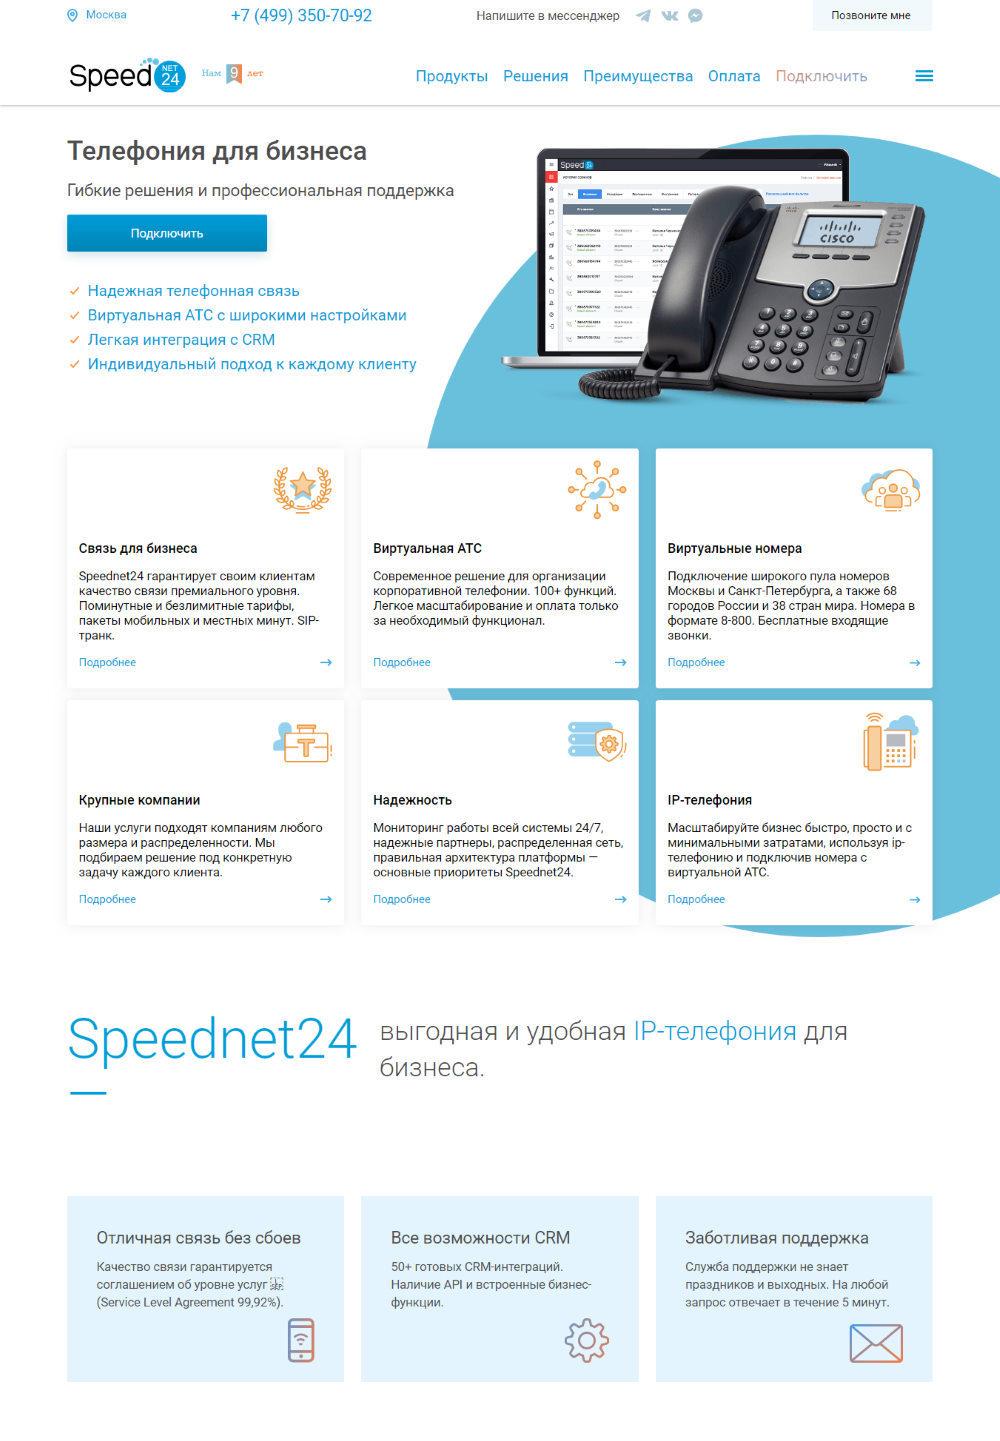 Разработка Сайта Телефония Для Бизнеса